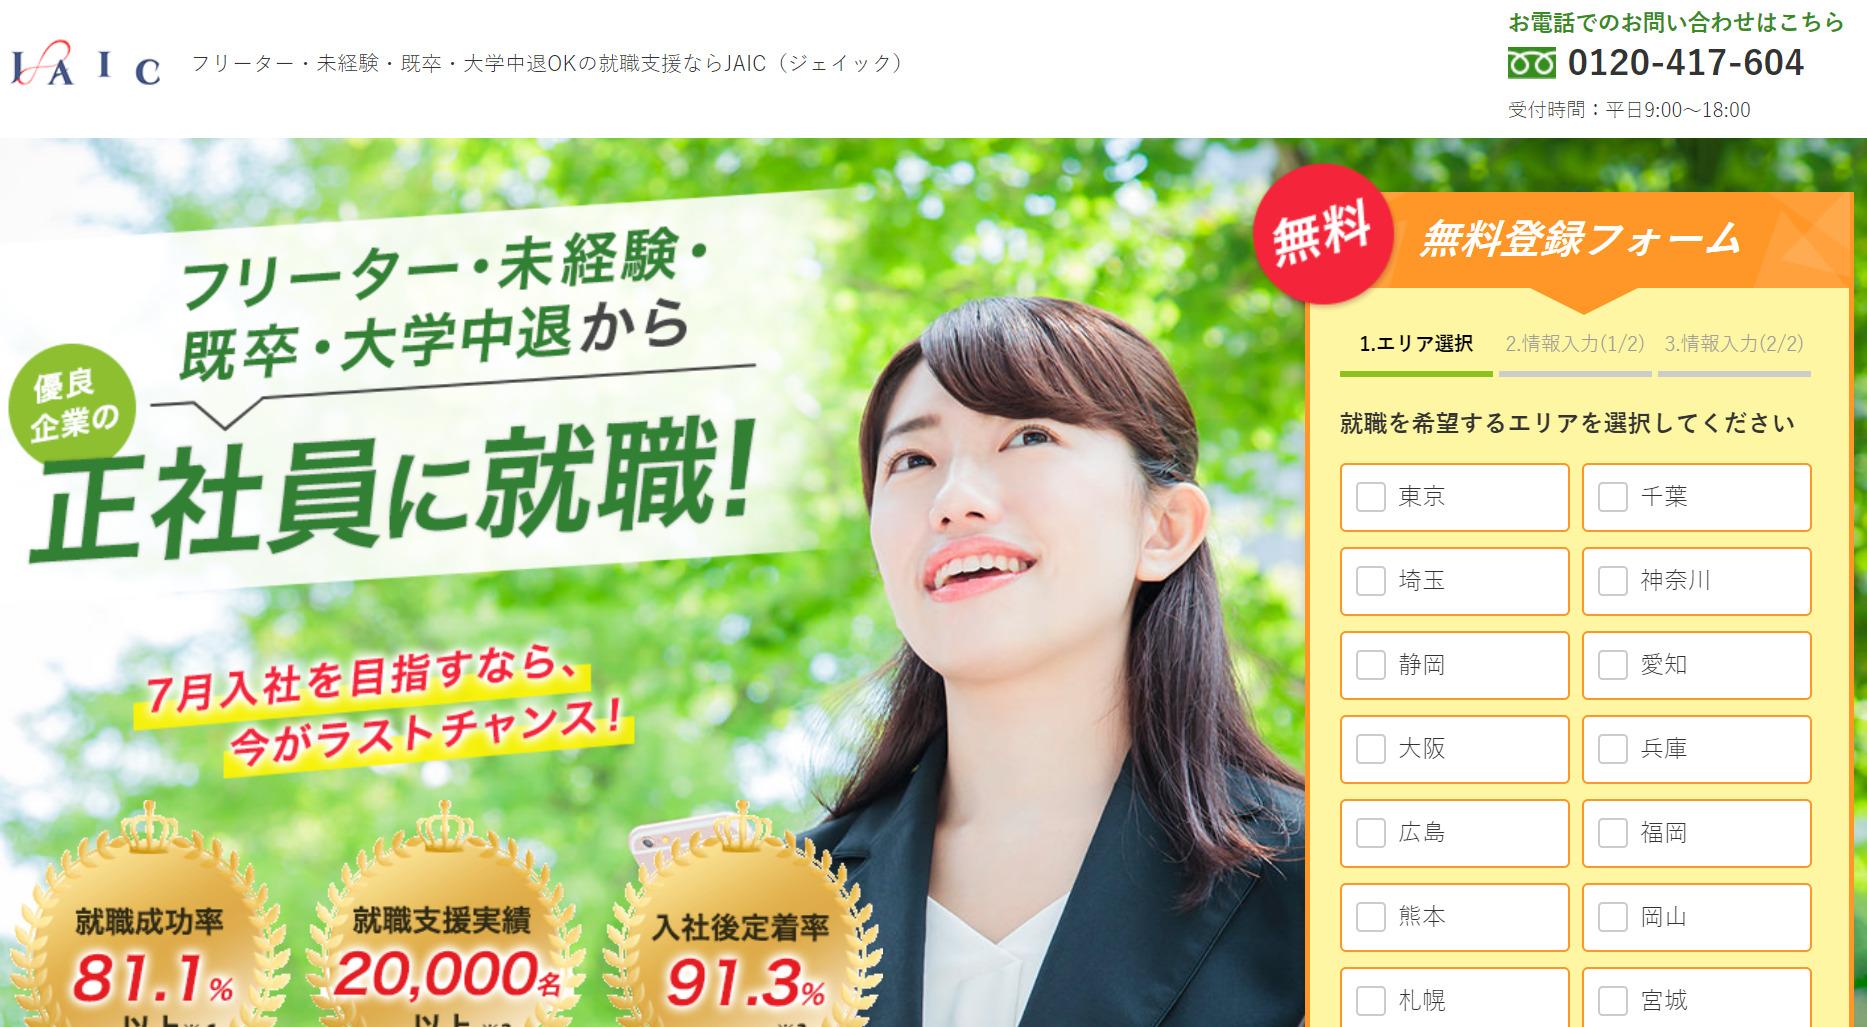 ジェイック評判_ホームページ